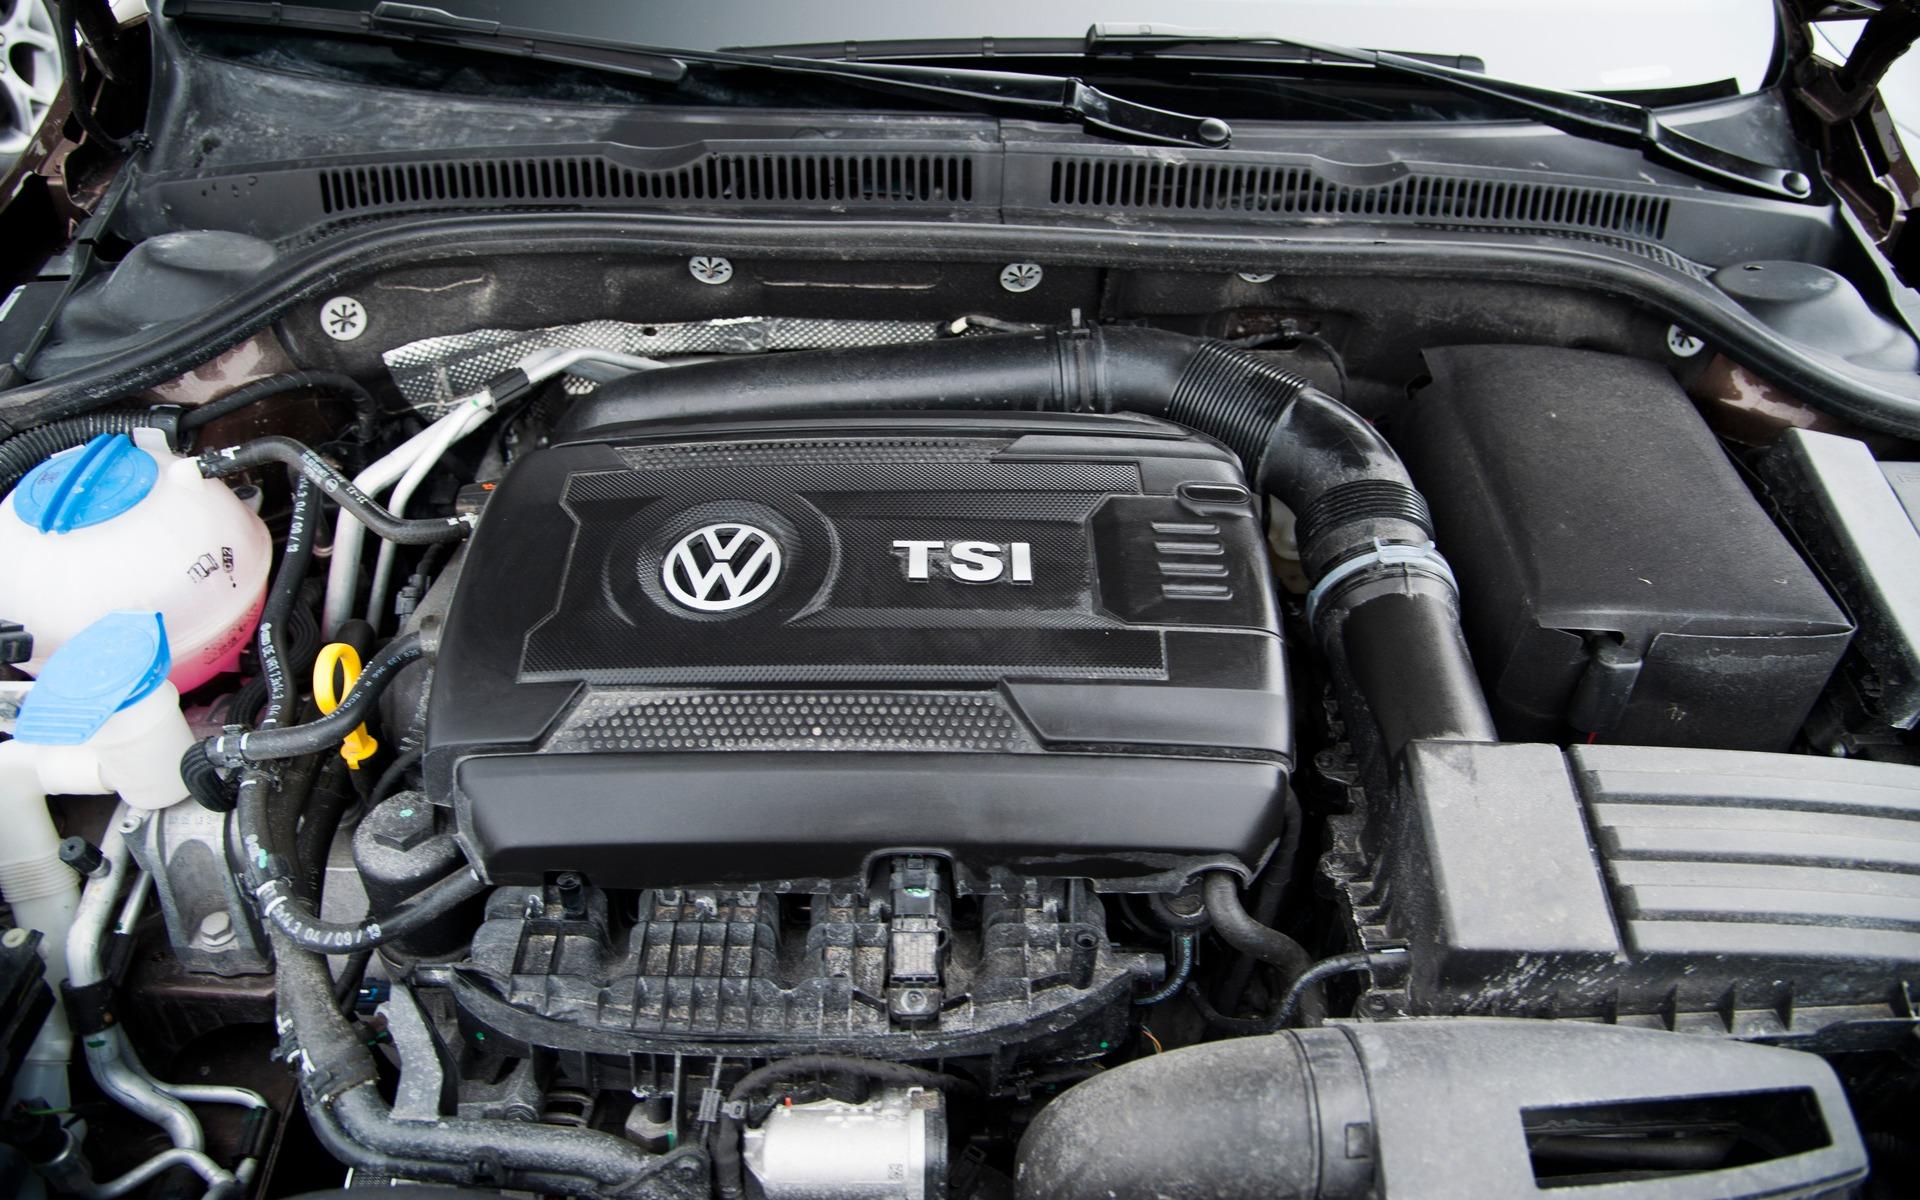 VW 1.8 TSI